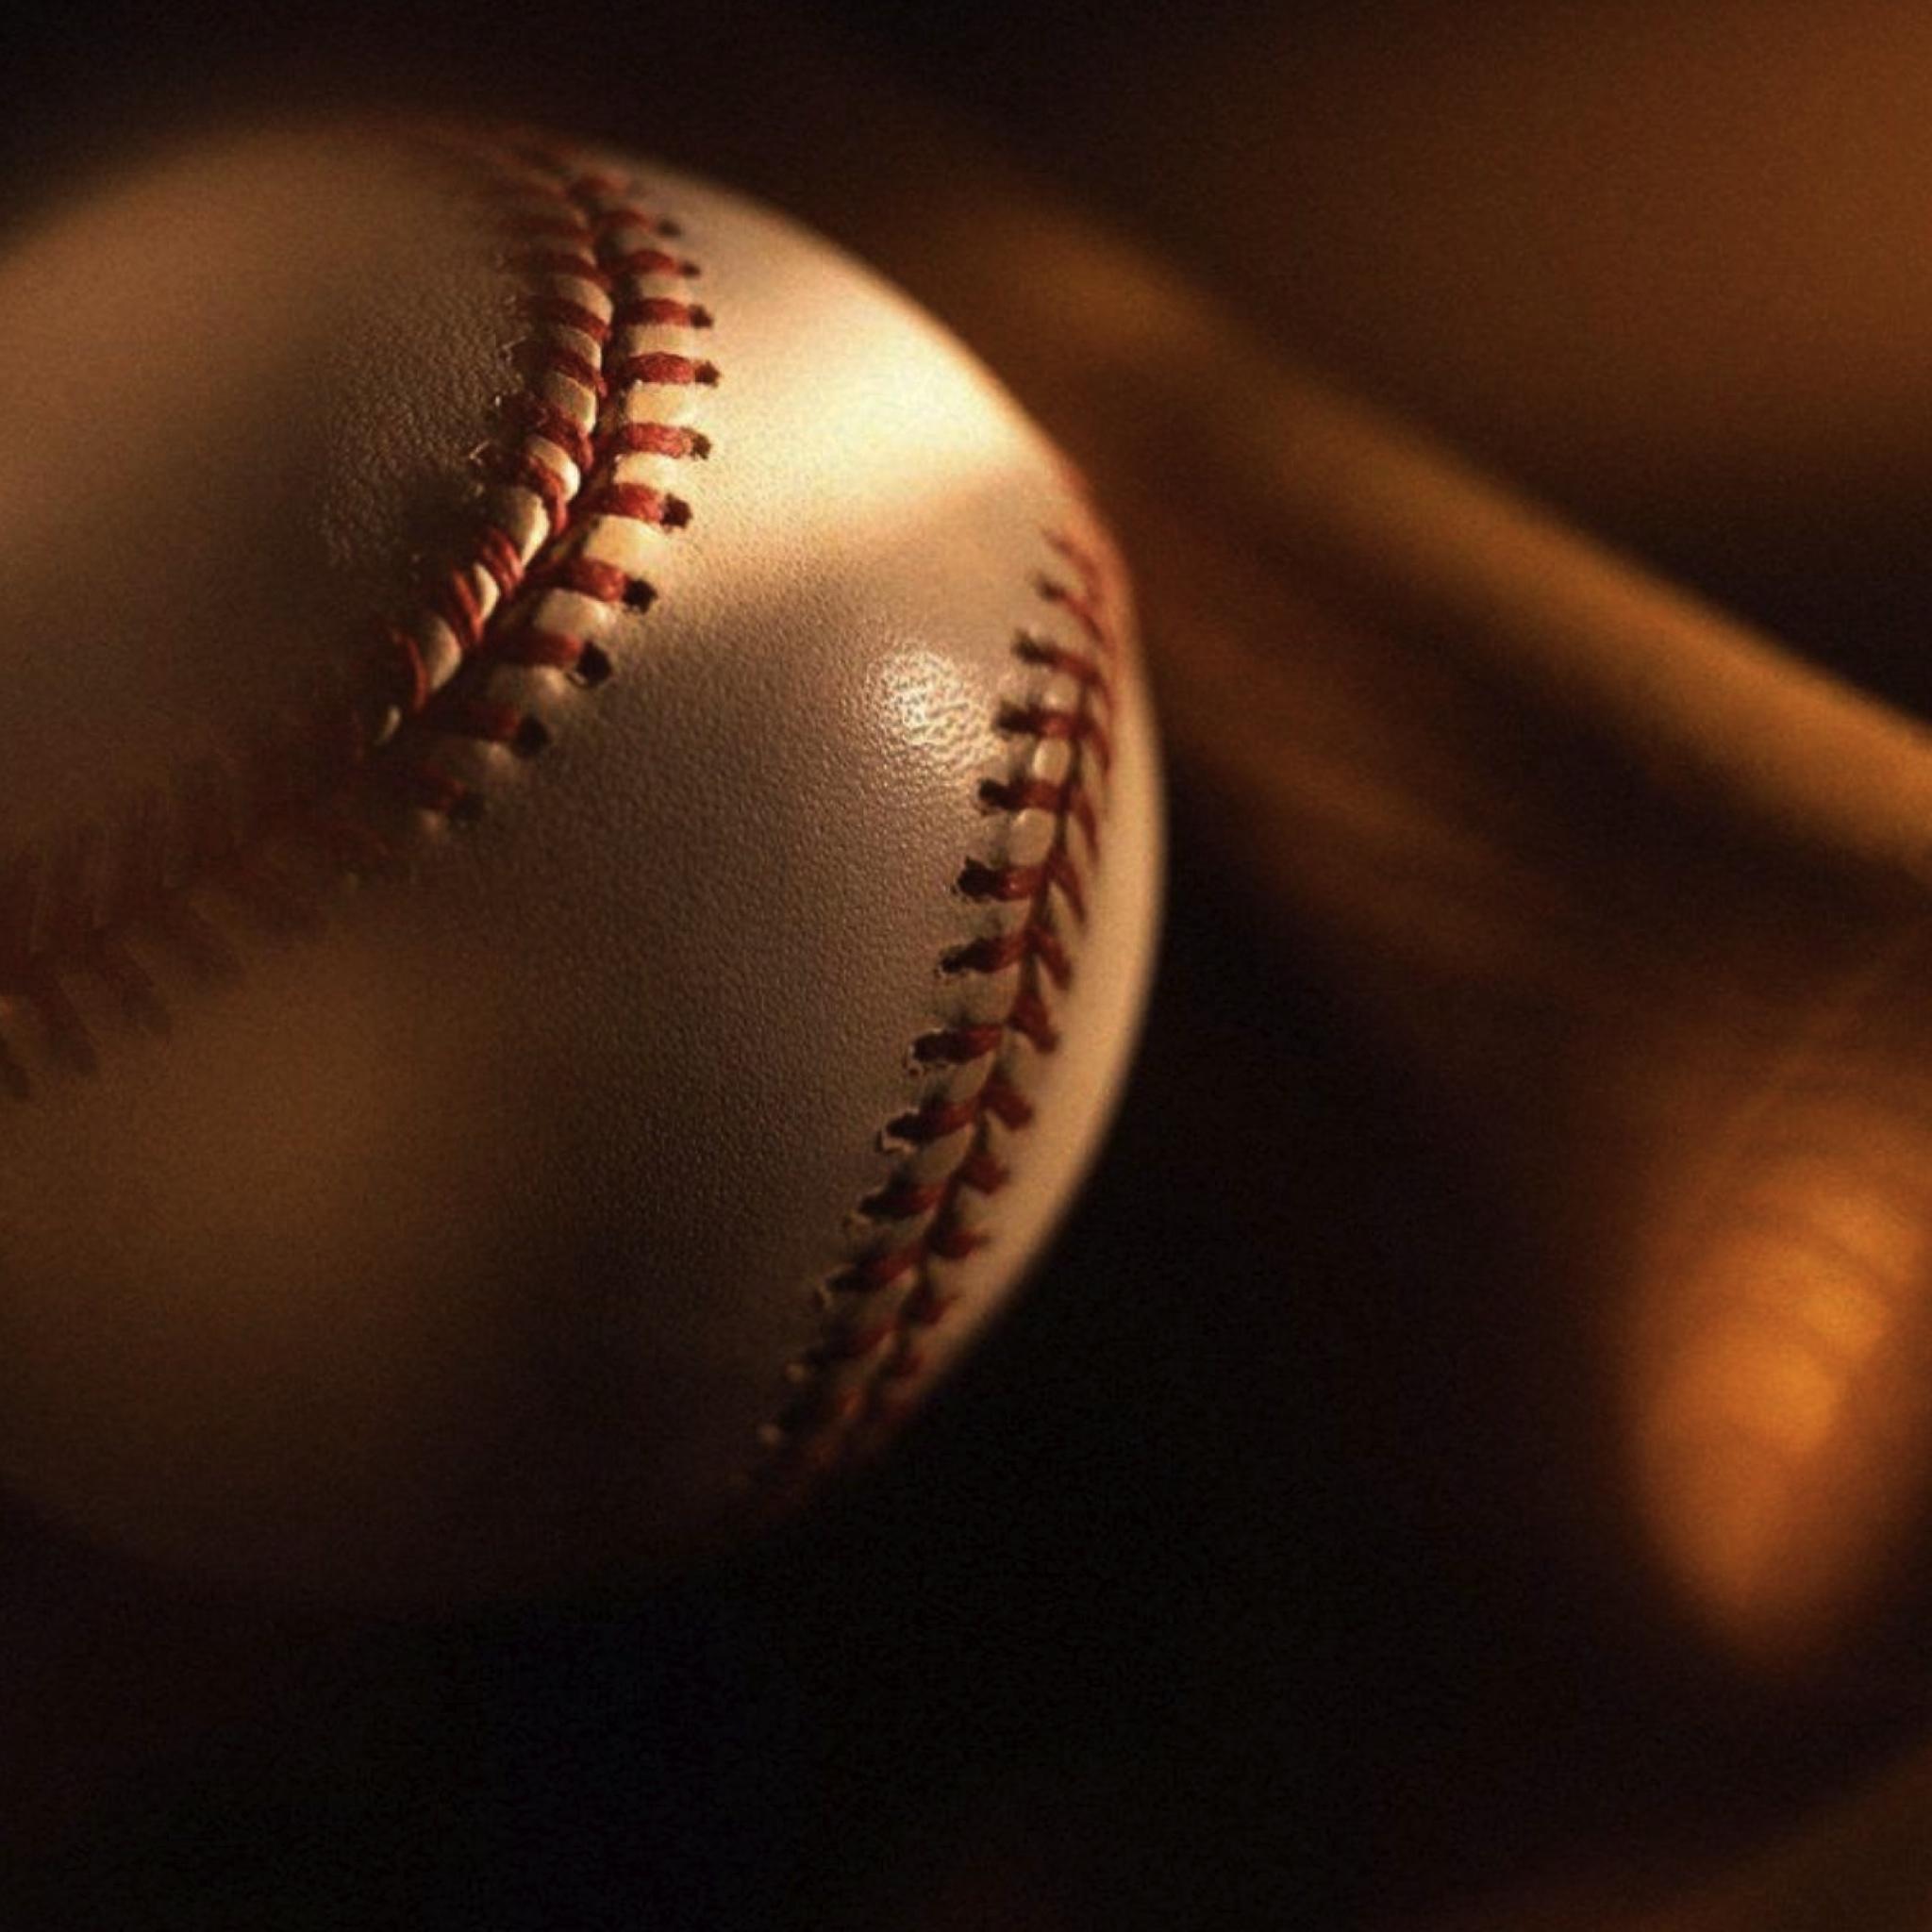 Ball and Baseball Bat Brown 3W iPad.jpg  Ball and Baseball Bat Brown   iPad